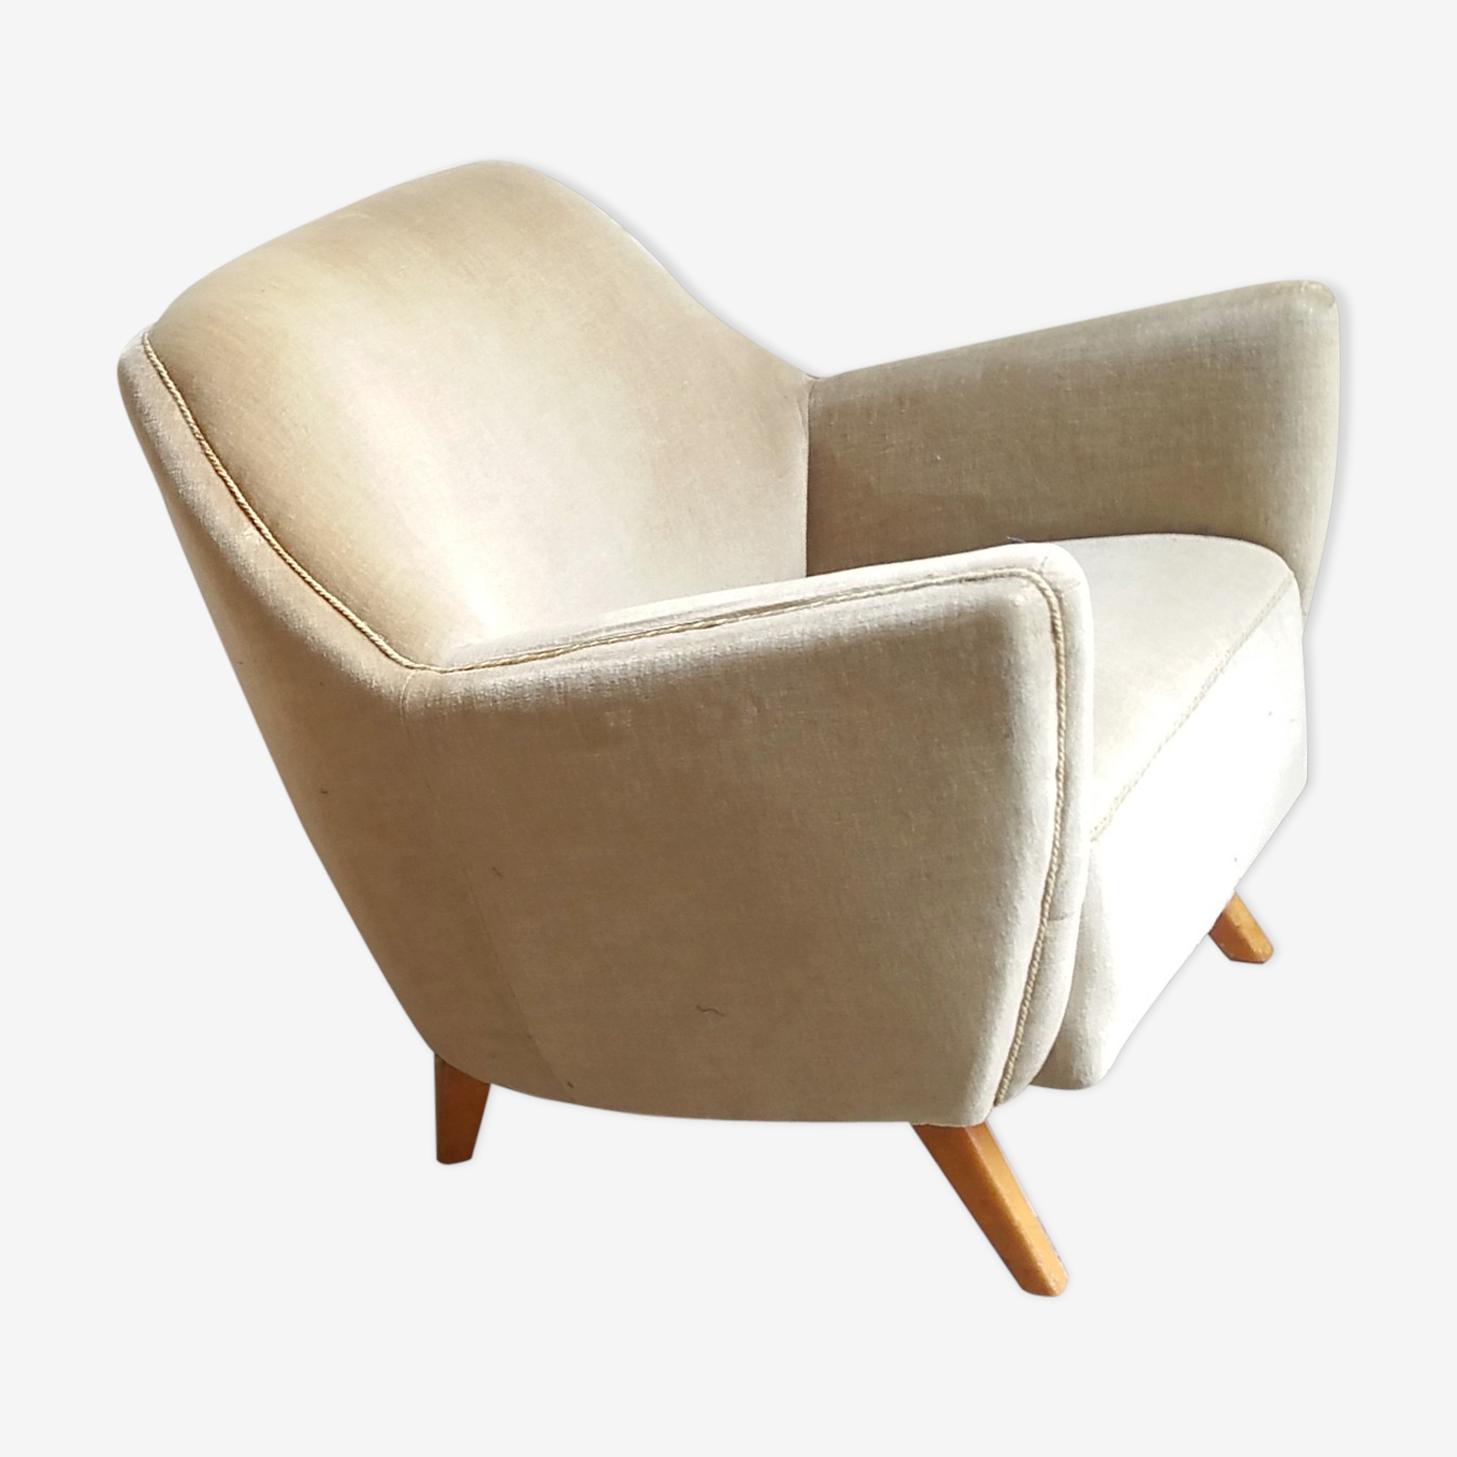 Fauteuil club danois années 50 60 vintage beige tissu beige